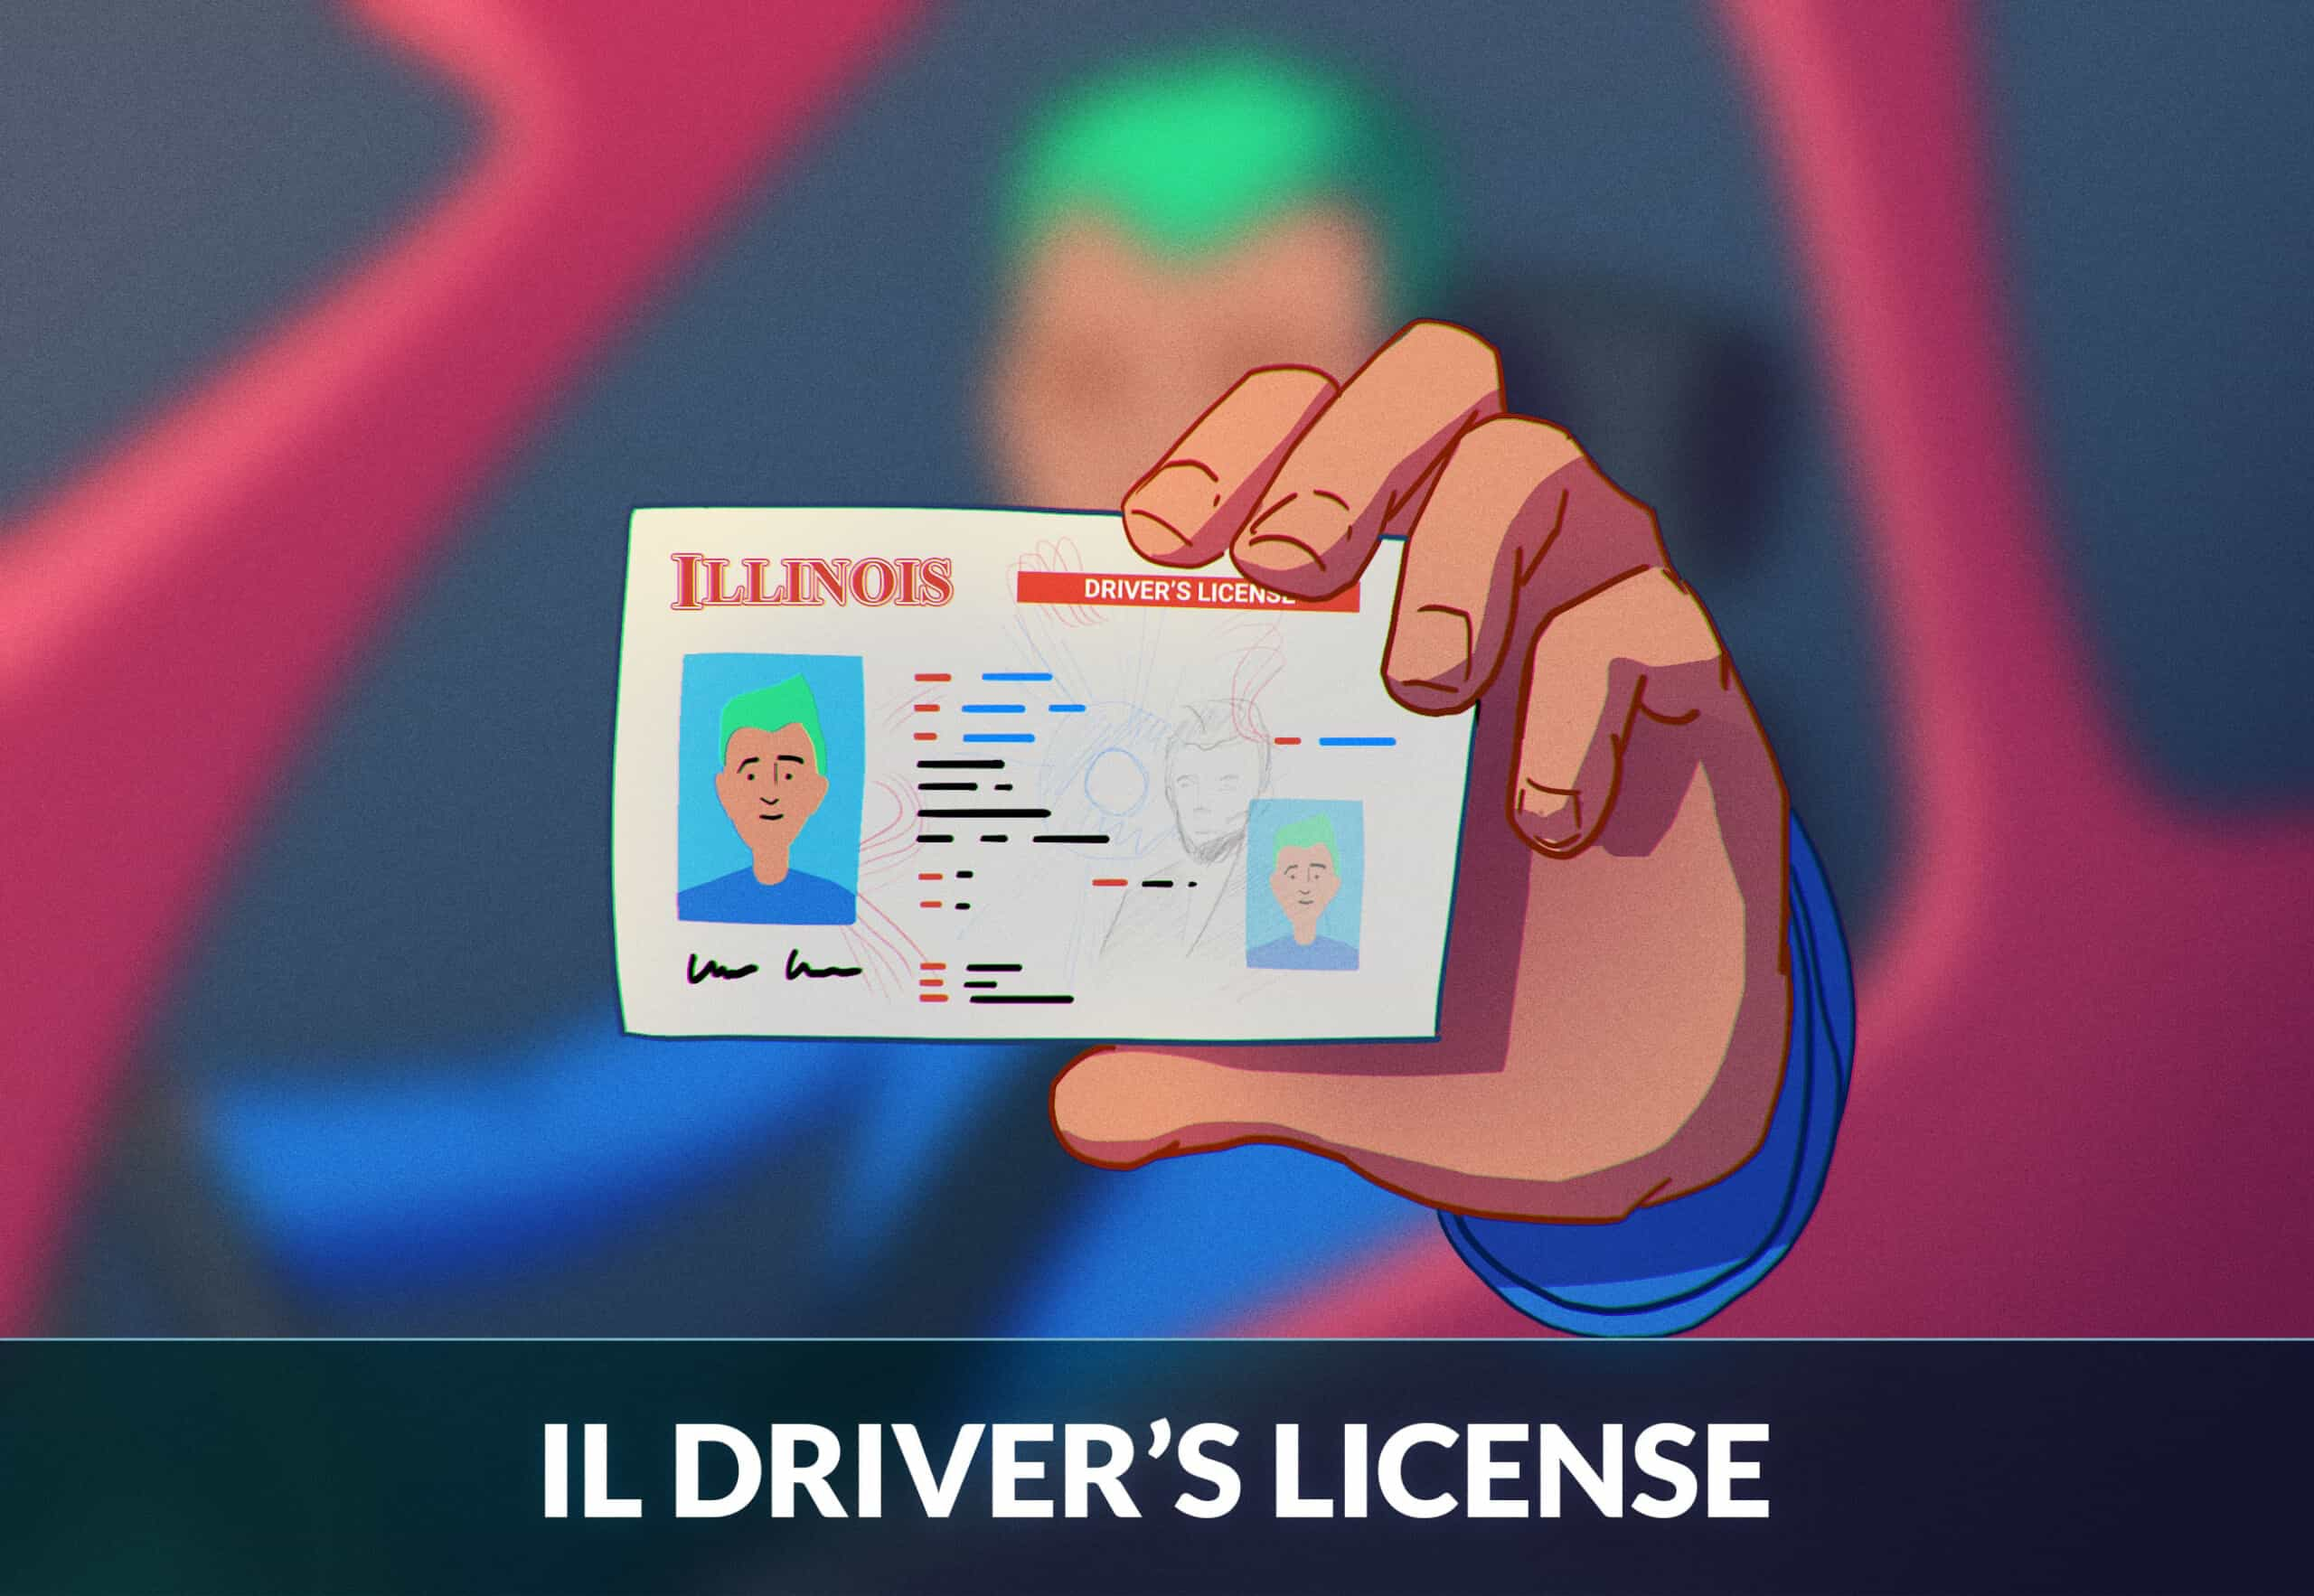 Illinois Driver's License